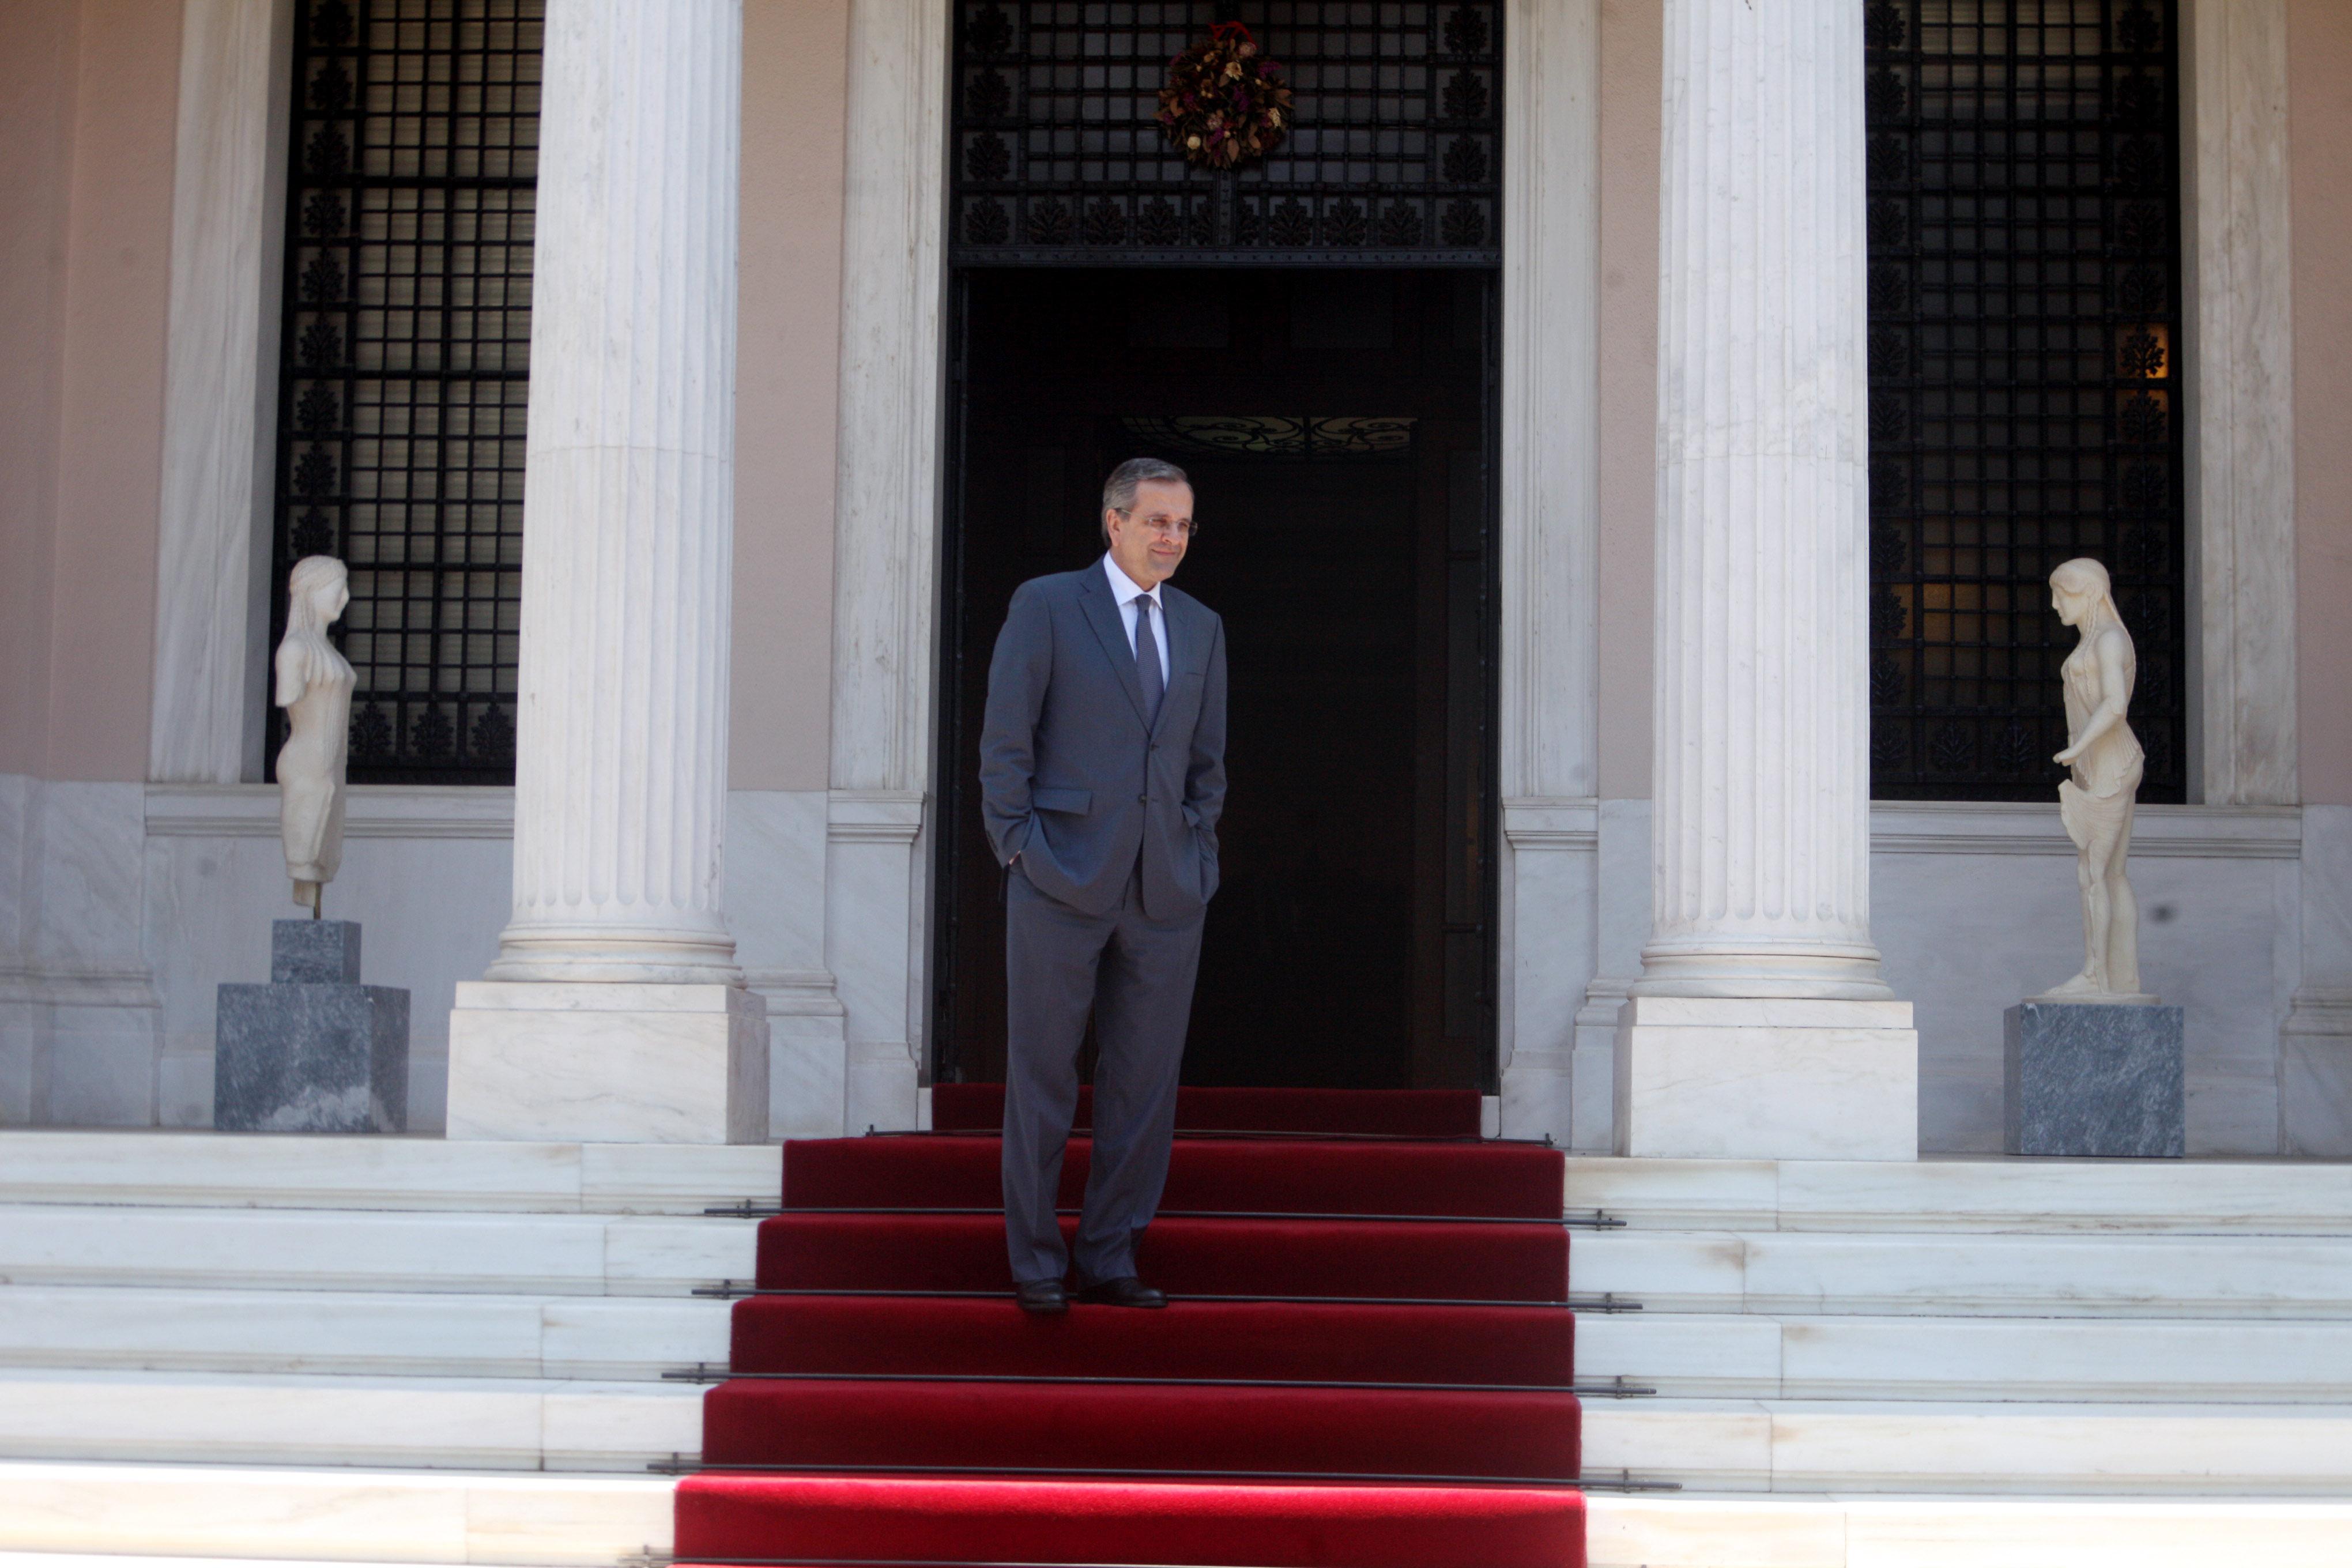 Εντονος εκνευρισμός στην κυβέρνηση από τη στάση της τρόικας | tovima.gr